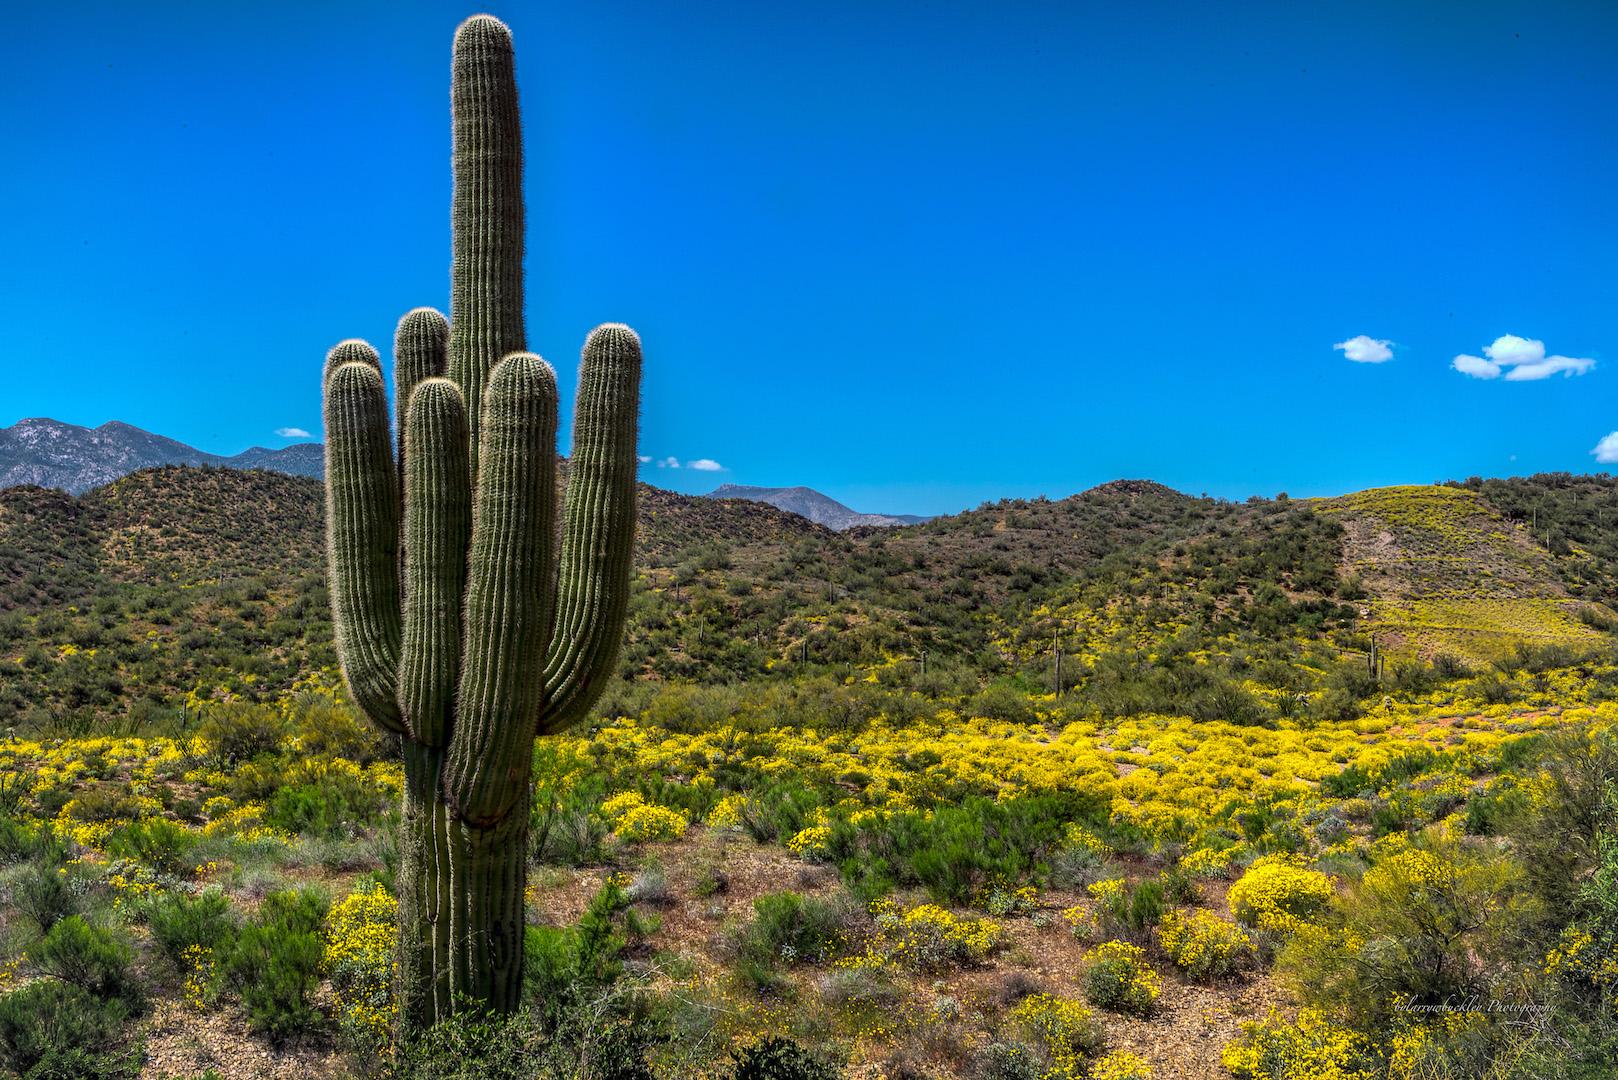 Lone Cacti